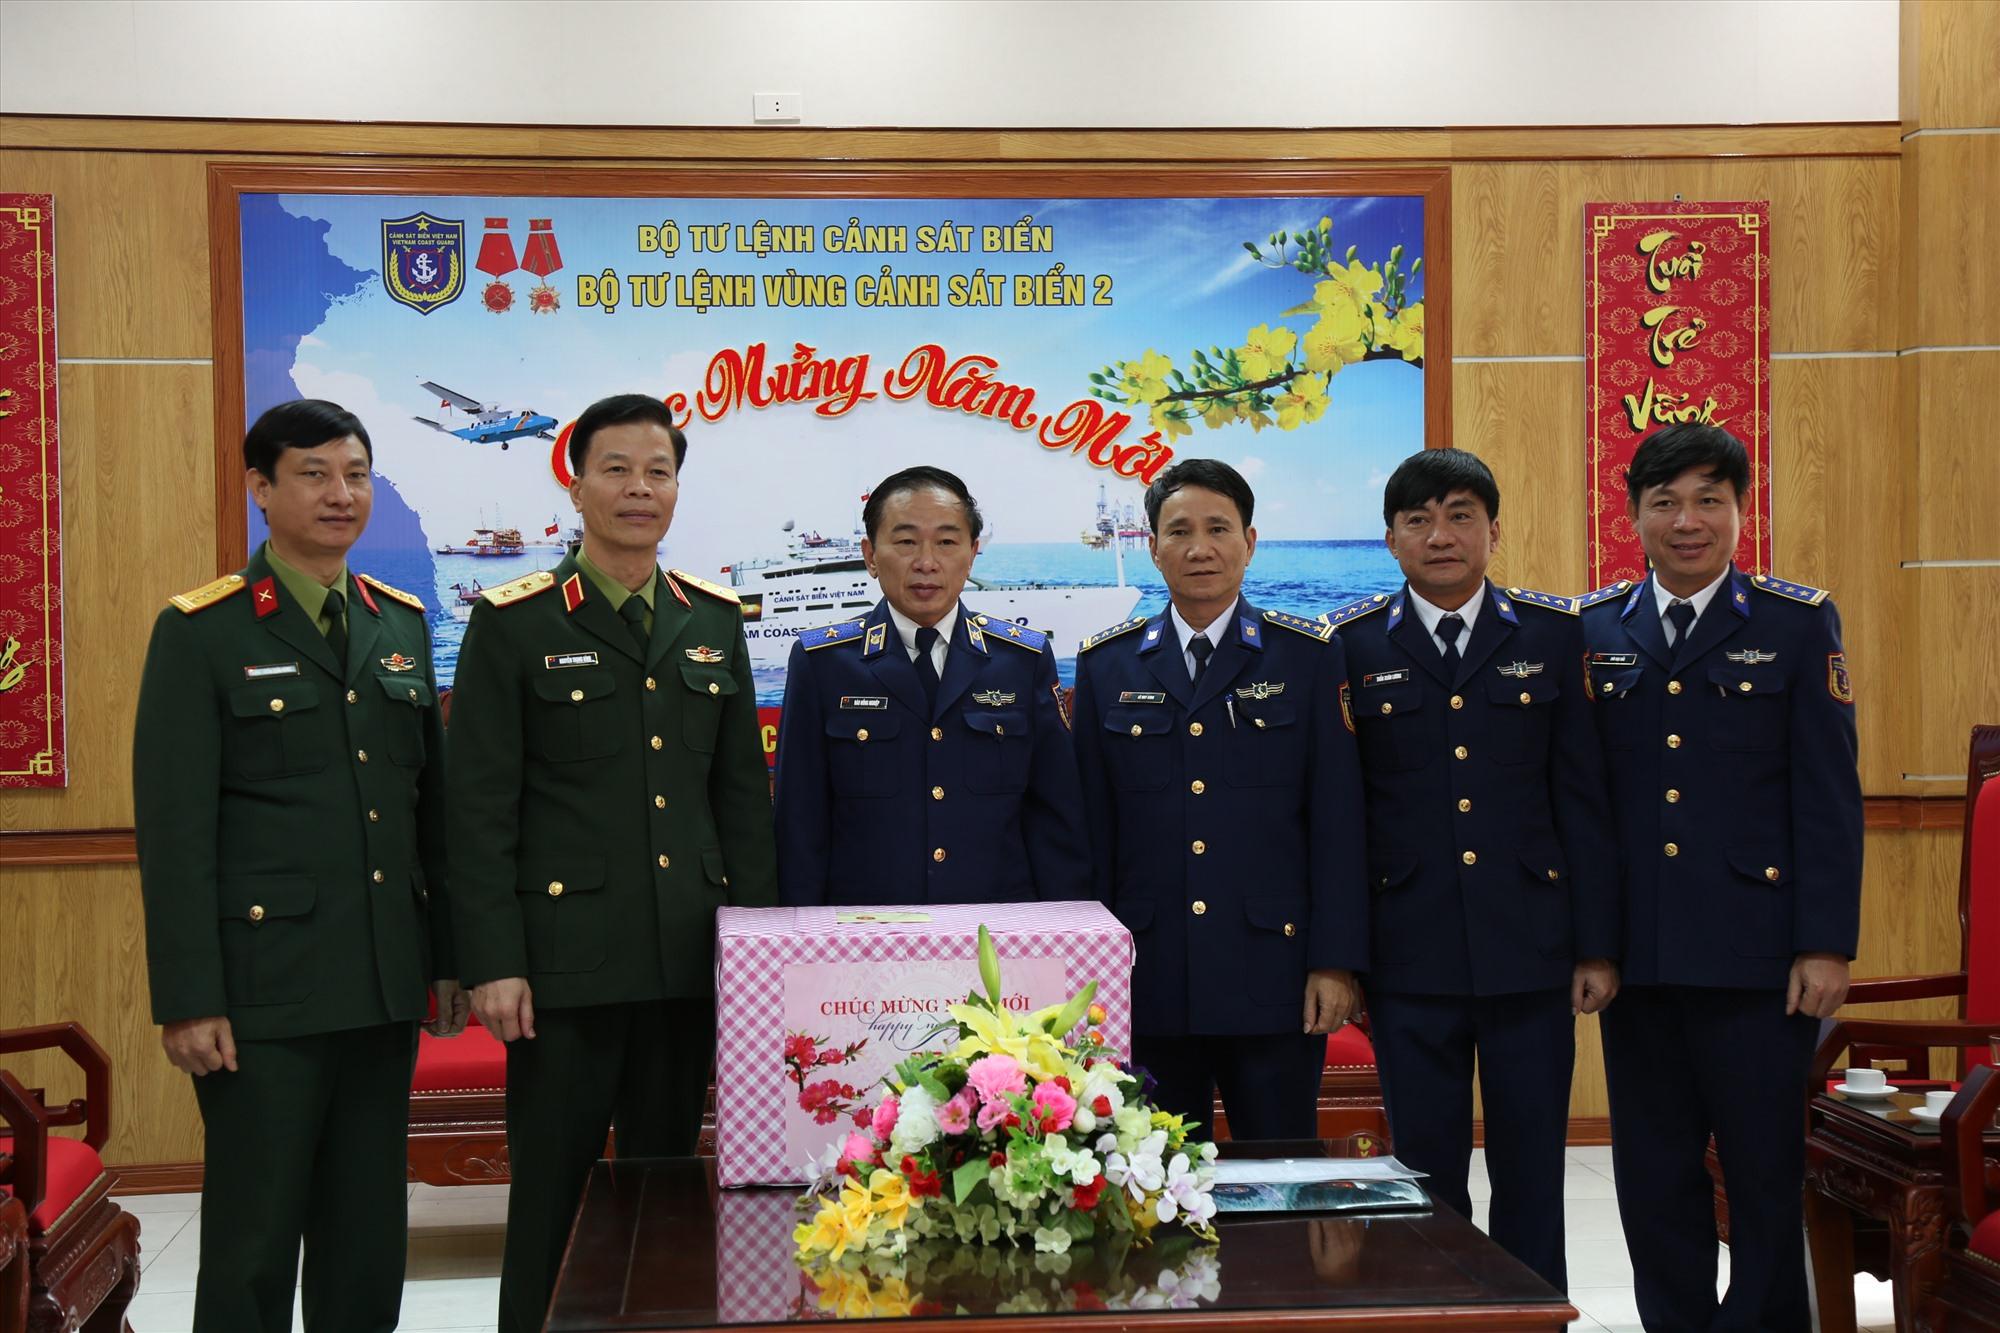 Trung tướng Nguyễn Trọng Bình tặng quà cho Bộ tư lệnh Vùng Cảnh sát biển 2 nhân chuyến thăm. Ảnh: N.T